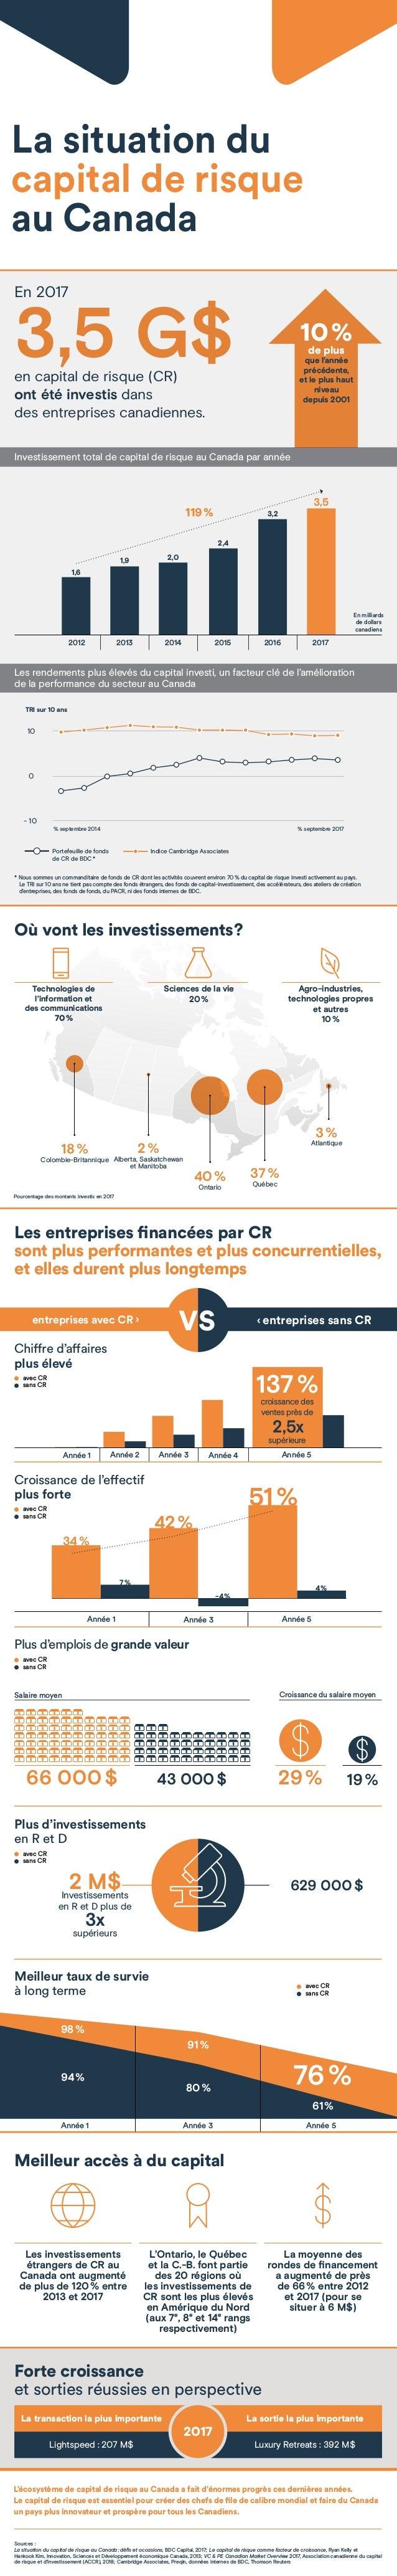 Meilleur accès à du capital L'Ontario, le Québec et la C.-B. font partie des 20 régions où lesinvestissements de CR sont ...